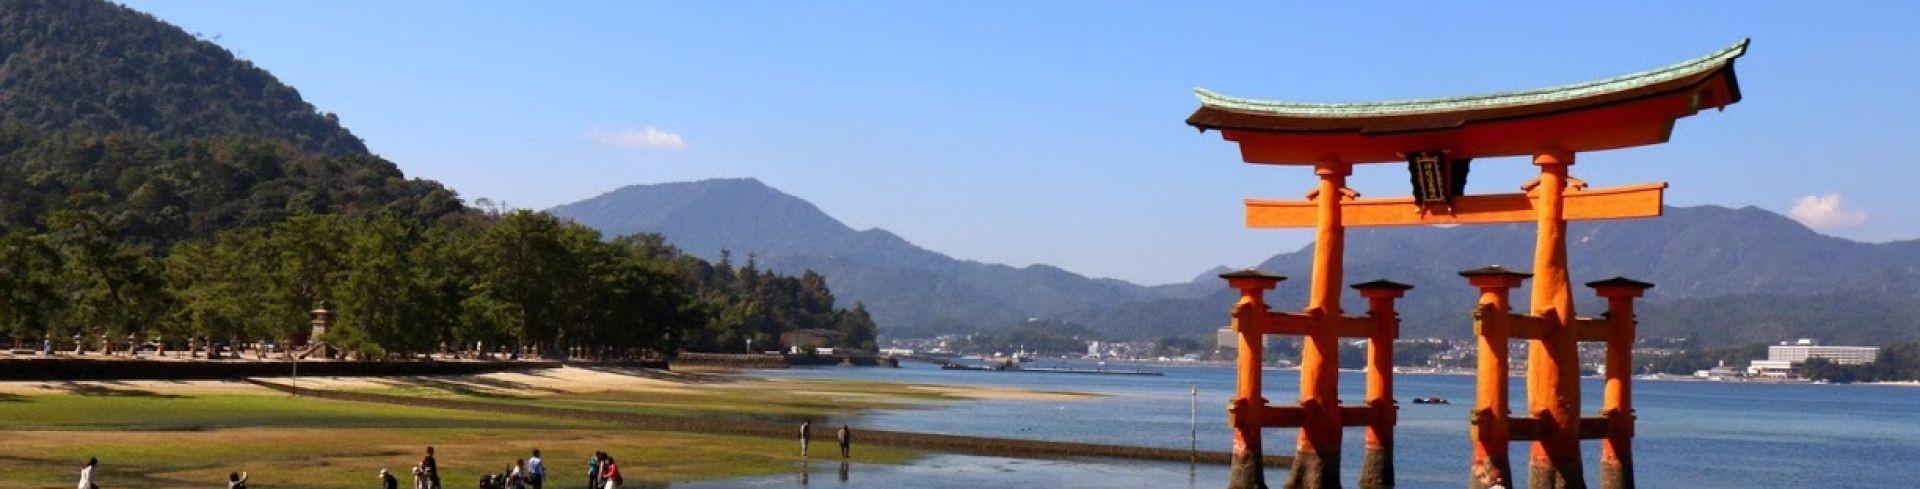 טוהוקו: יפן בניחוח כפרי